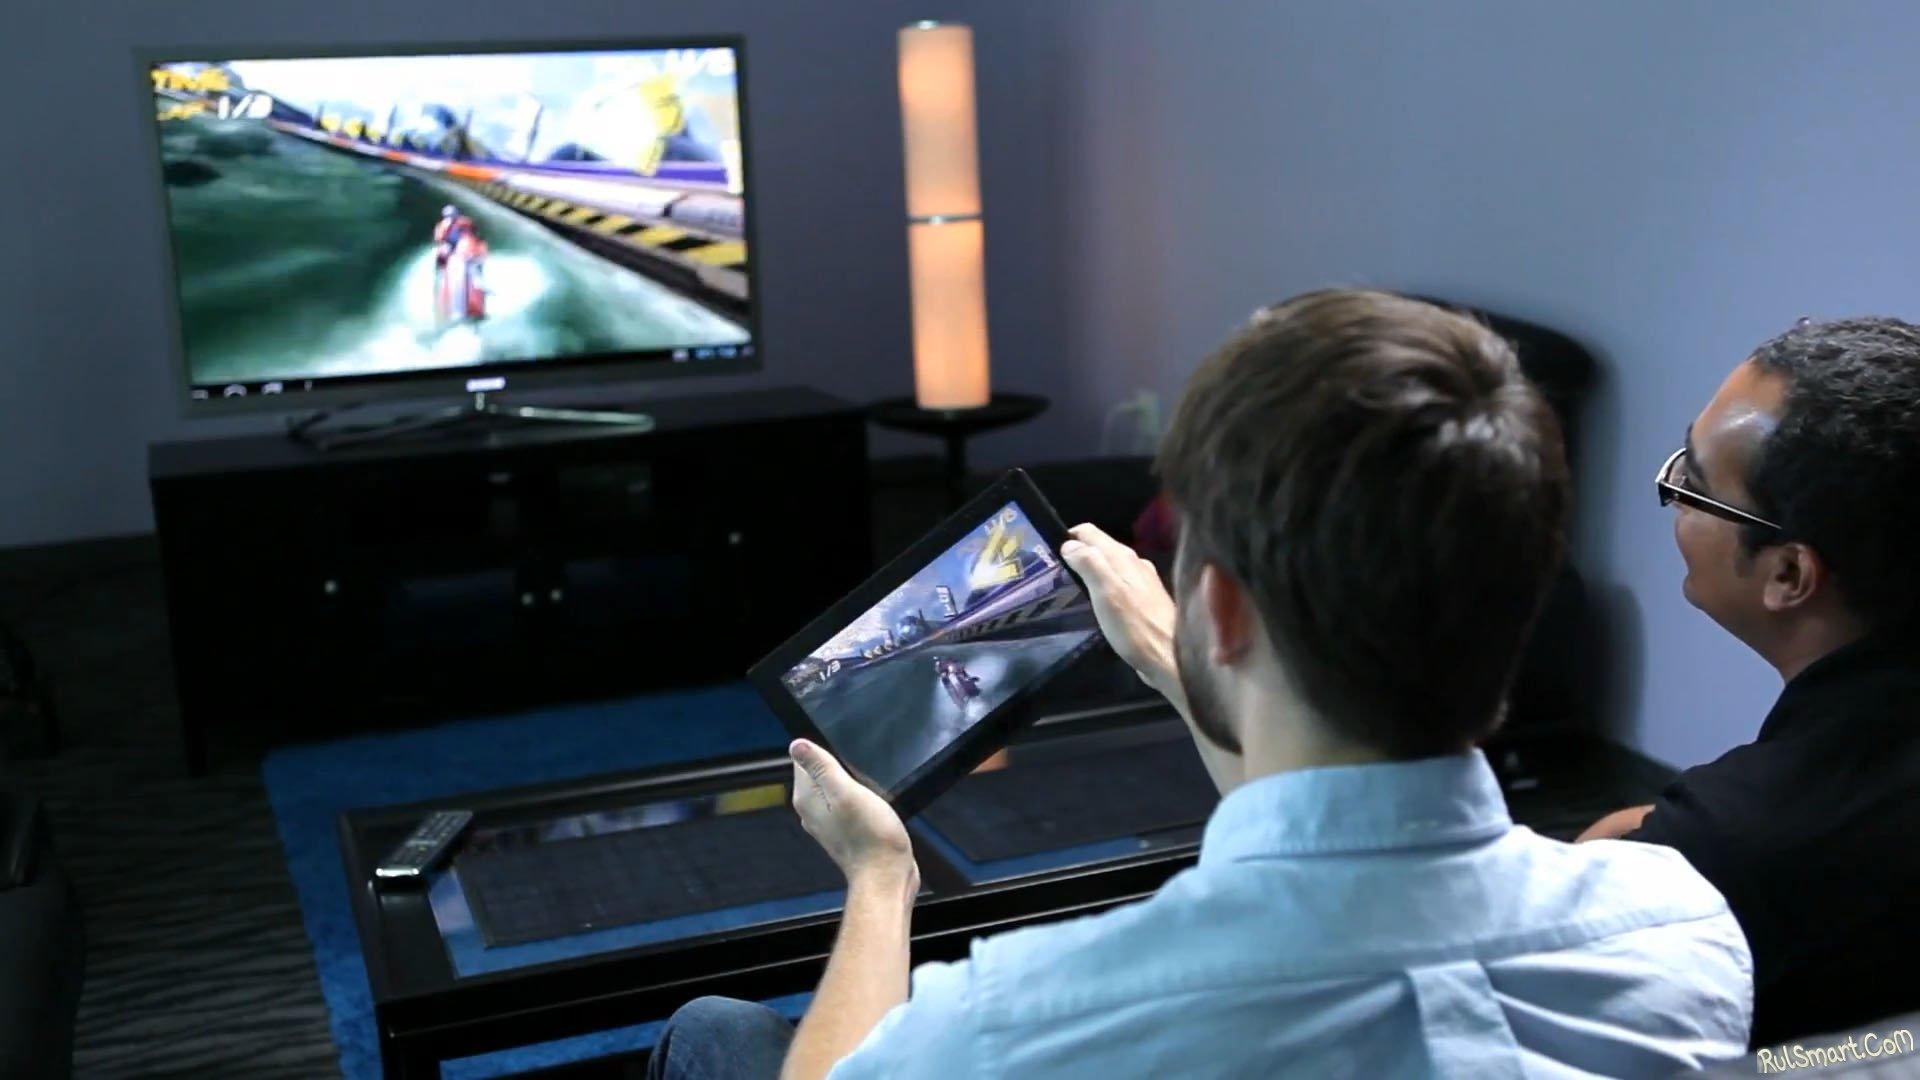 Как онлайн видео в браузере транслировать на экран телевизора с компьютера? 52